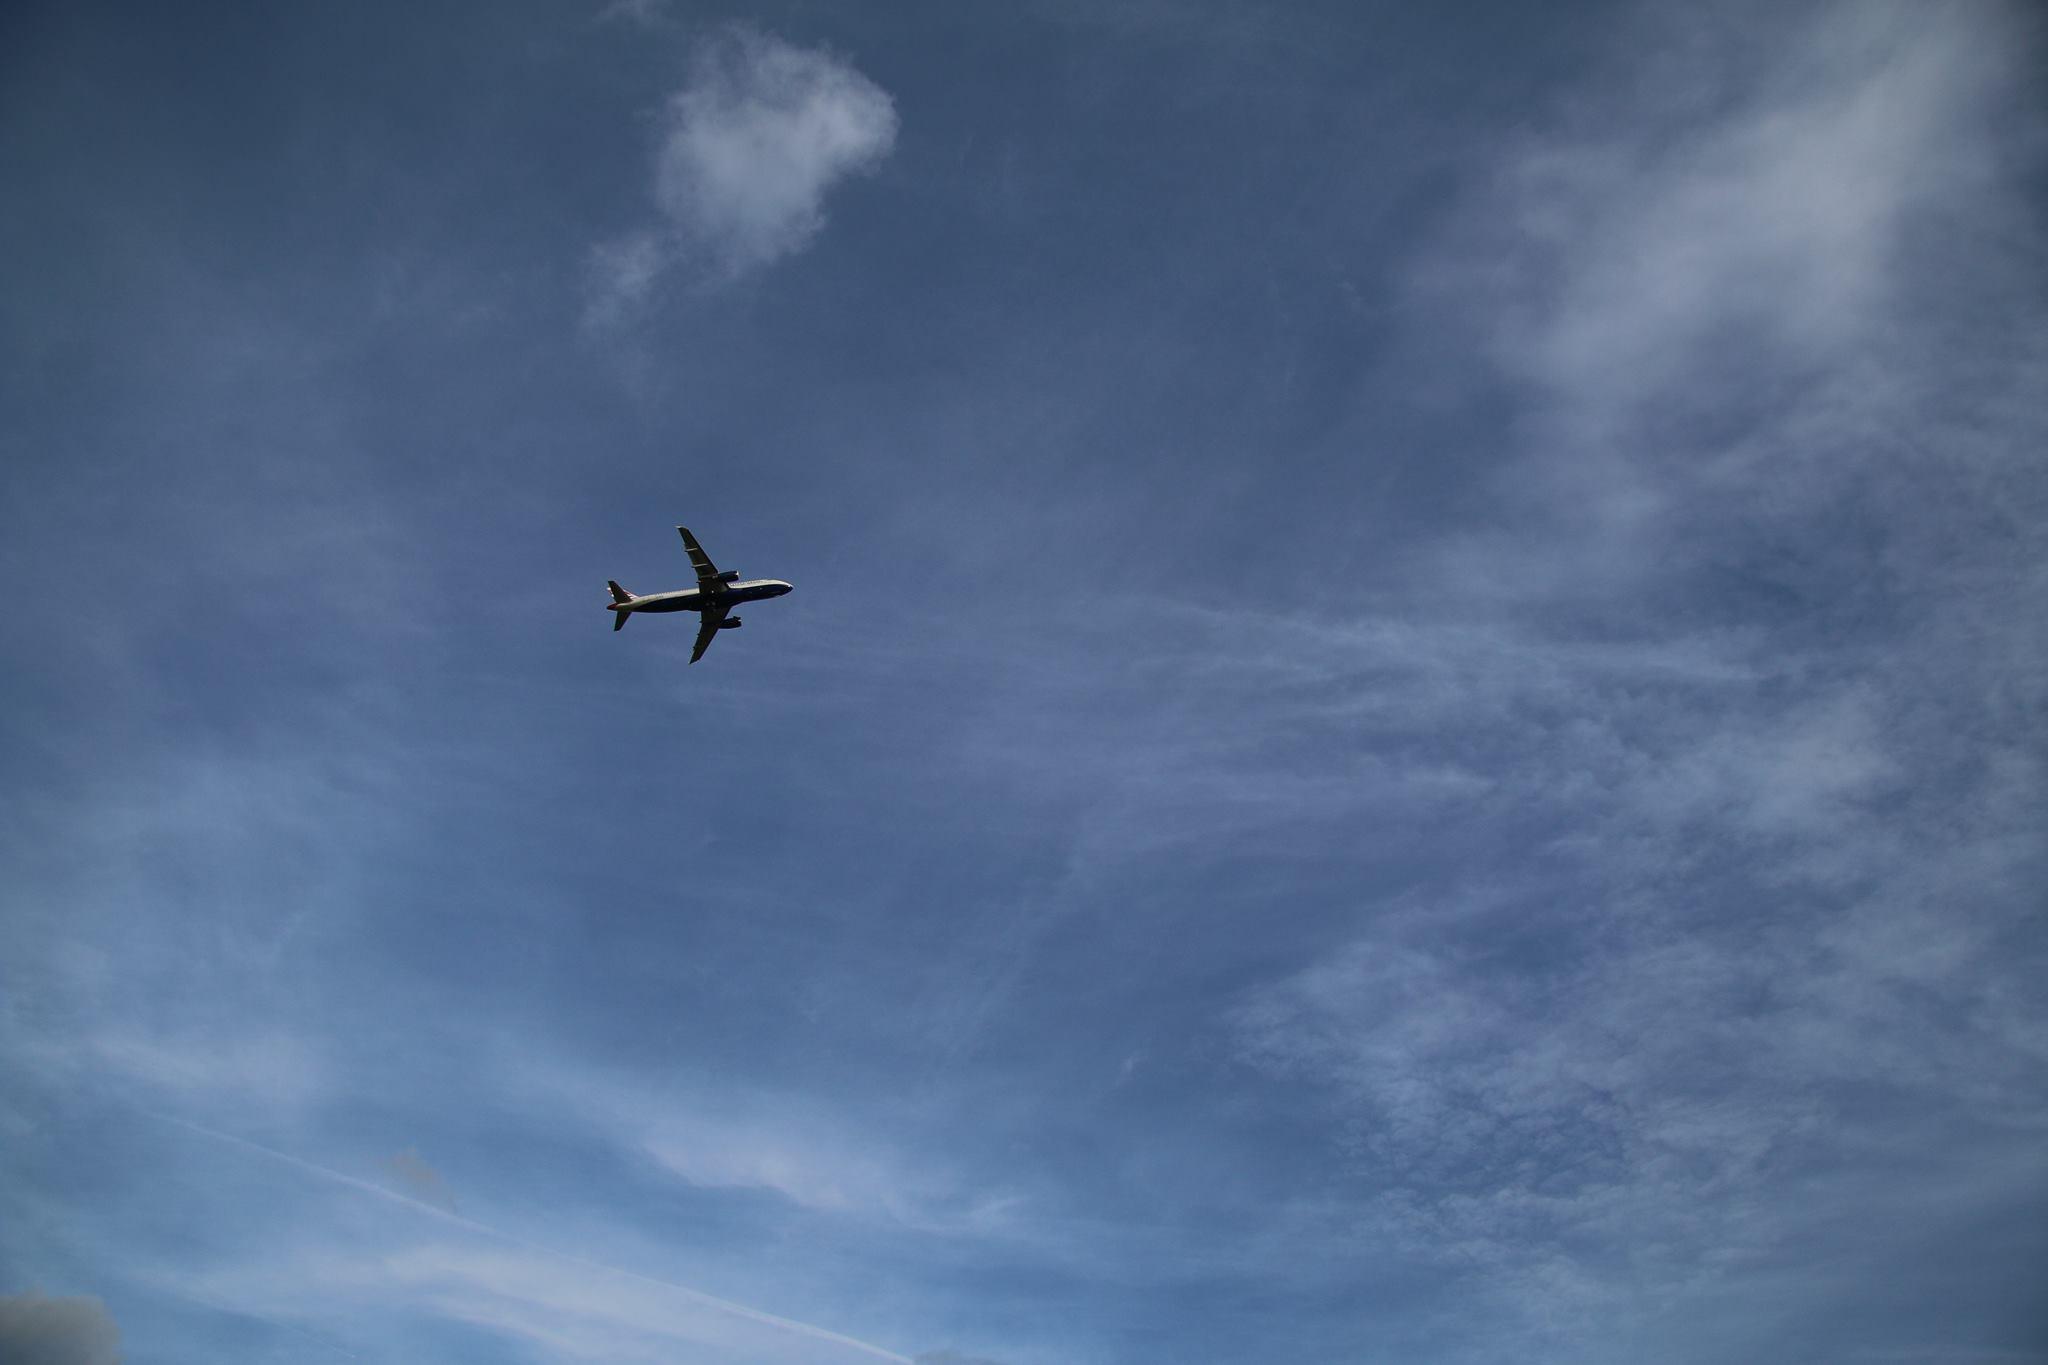 Fluturimet e muajit shkurt, vonesa nga kompanitë ajrore dhe kompensime për pasagjerët